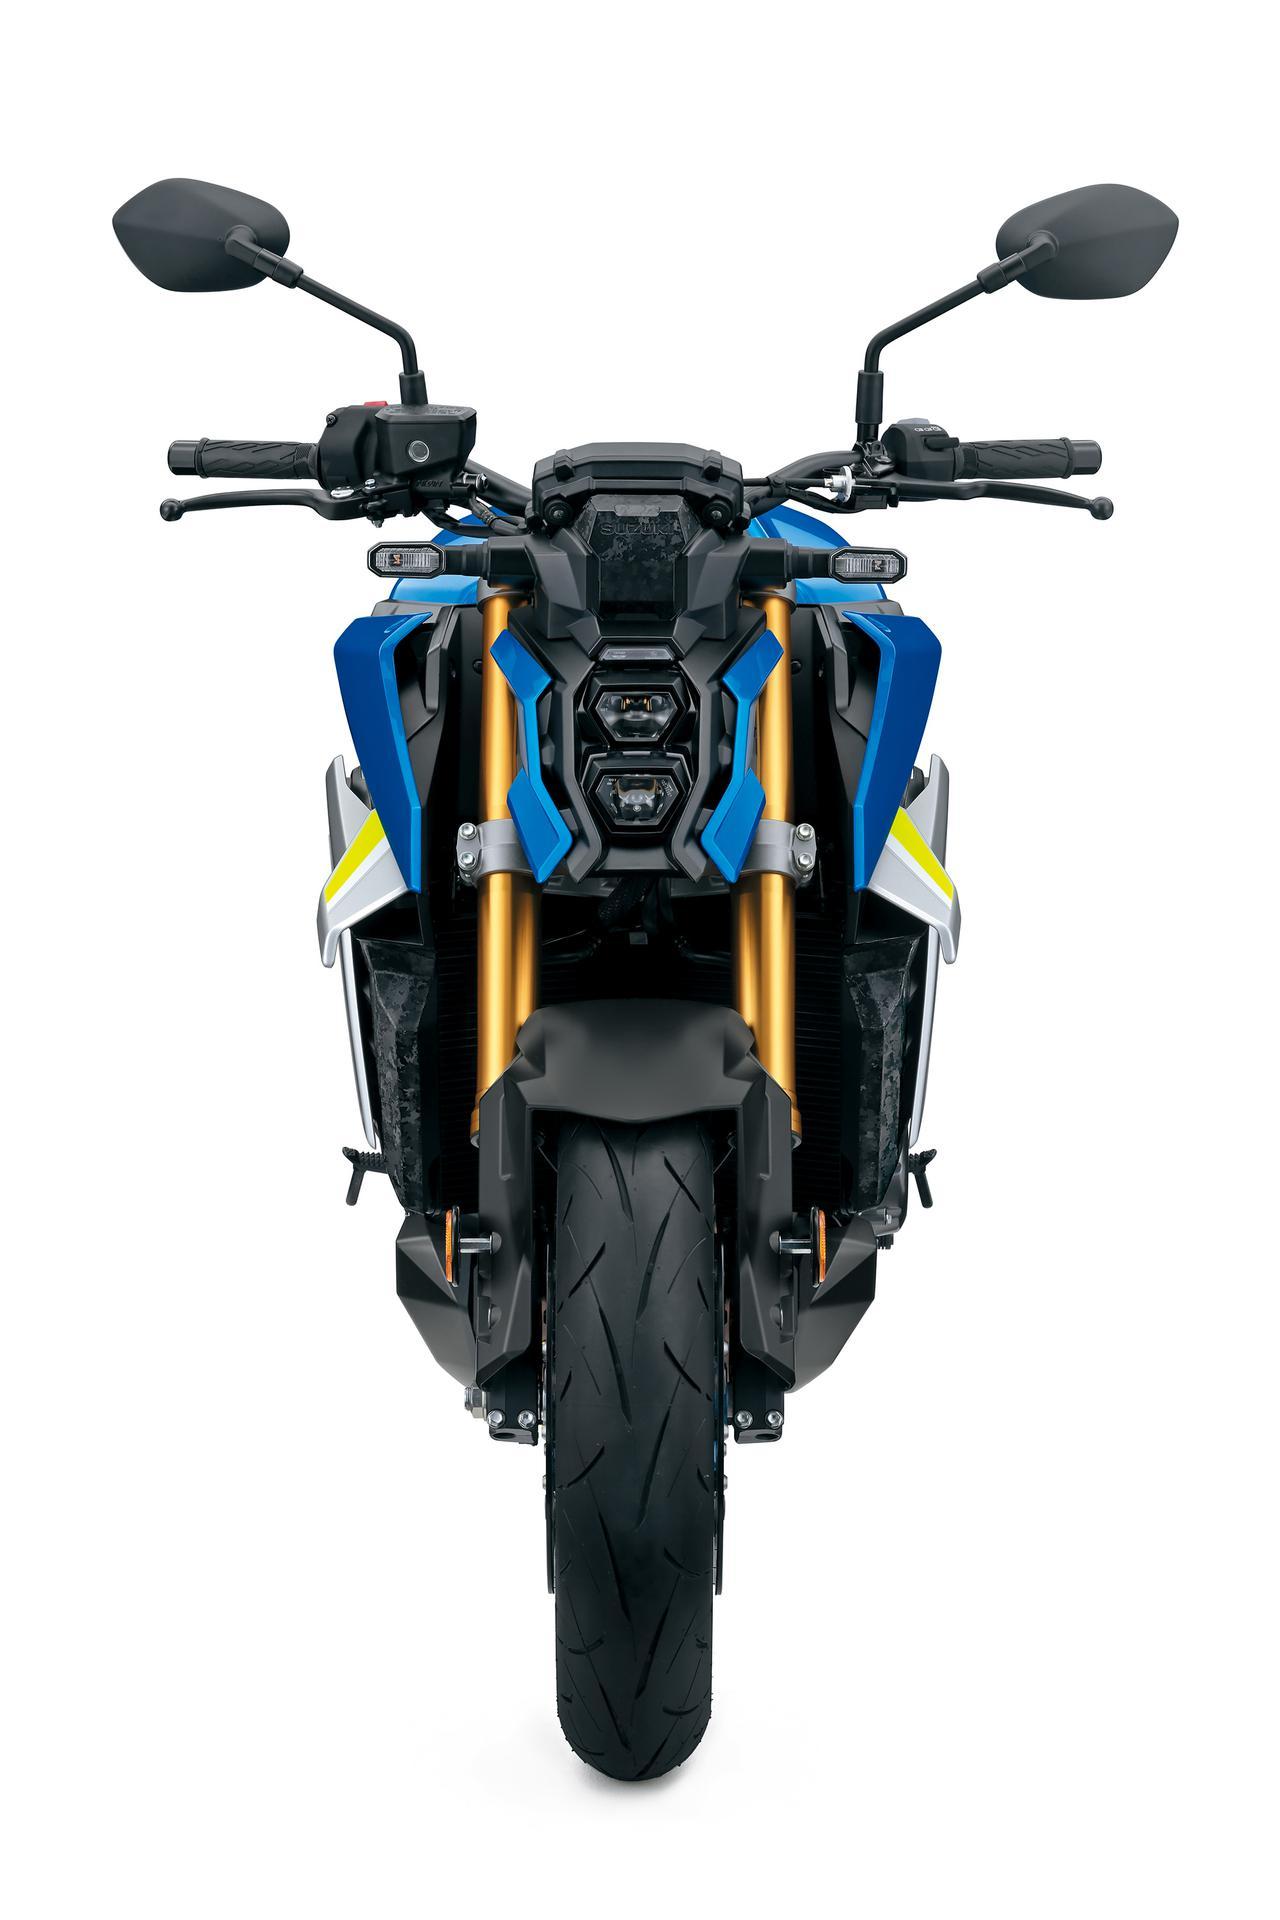 Images : 4番目の画像 - 「【写真55枚】スズキ新型『GSX-S1000』全部見せます! とにかく写真をたくさん見たい人はこちら!【SUZUKI GSX-S1000(2021)/写真アルバム編】」のアルバム - スズキのバイク!- 新車情報や最新ニュースをお届けします